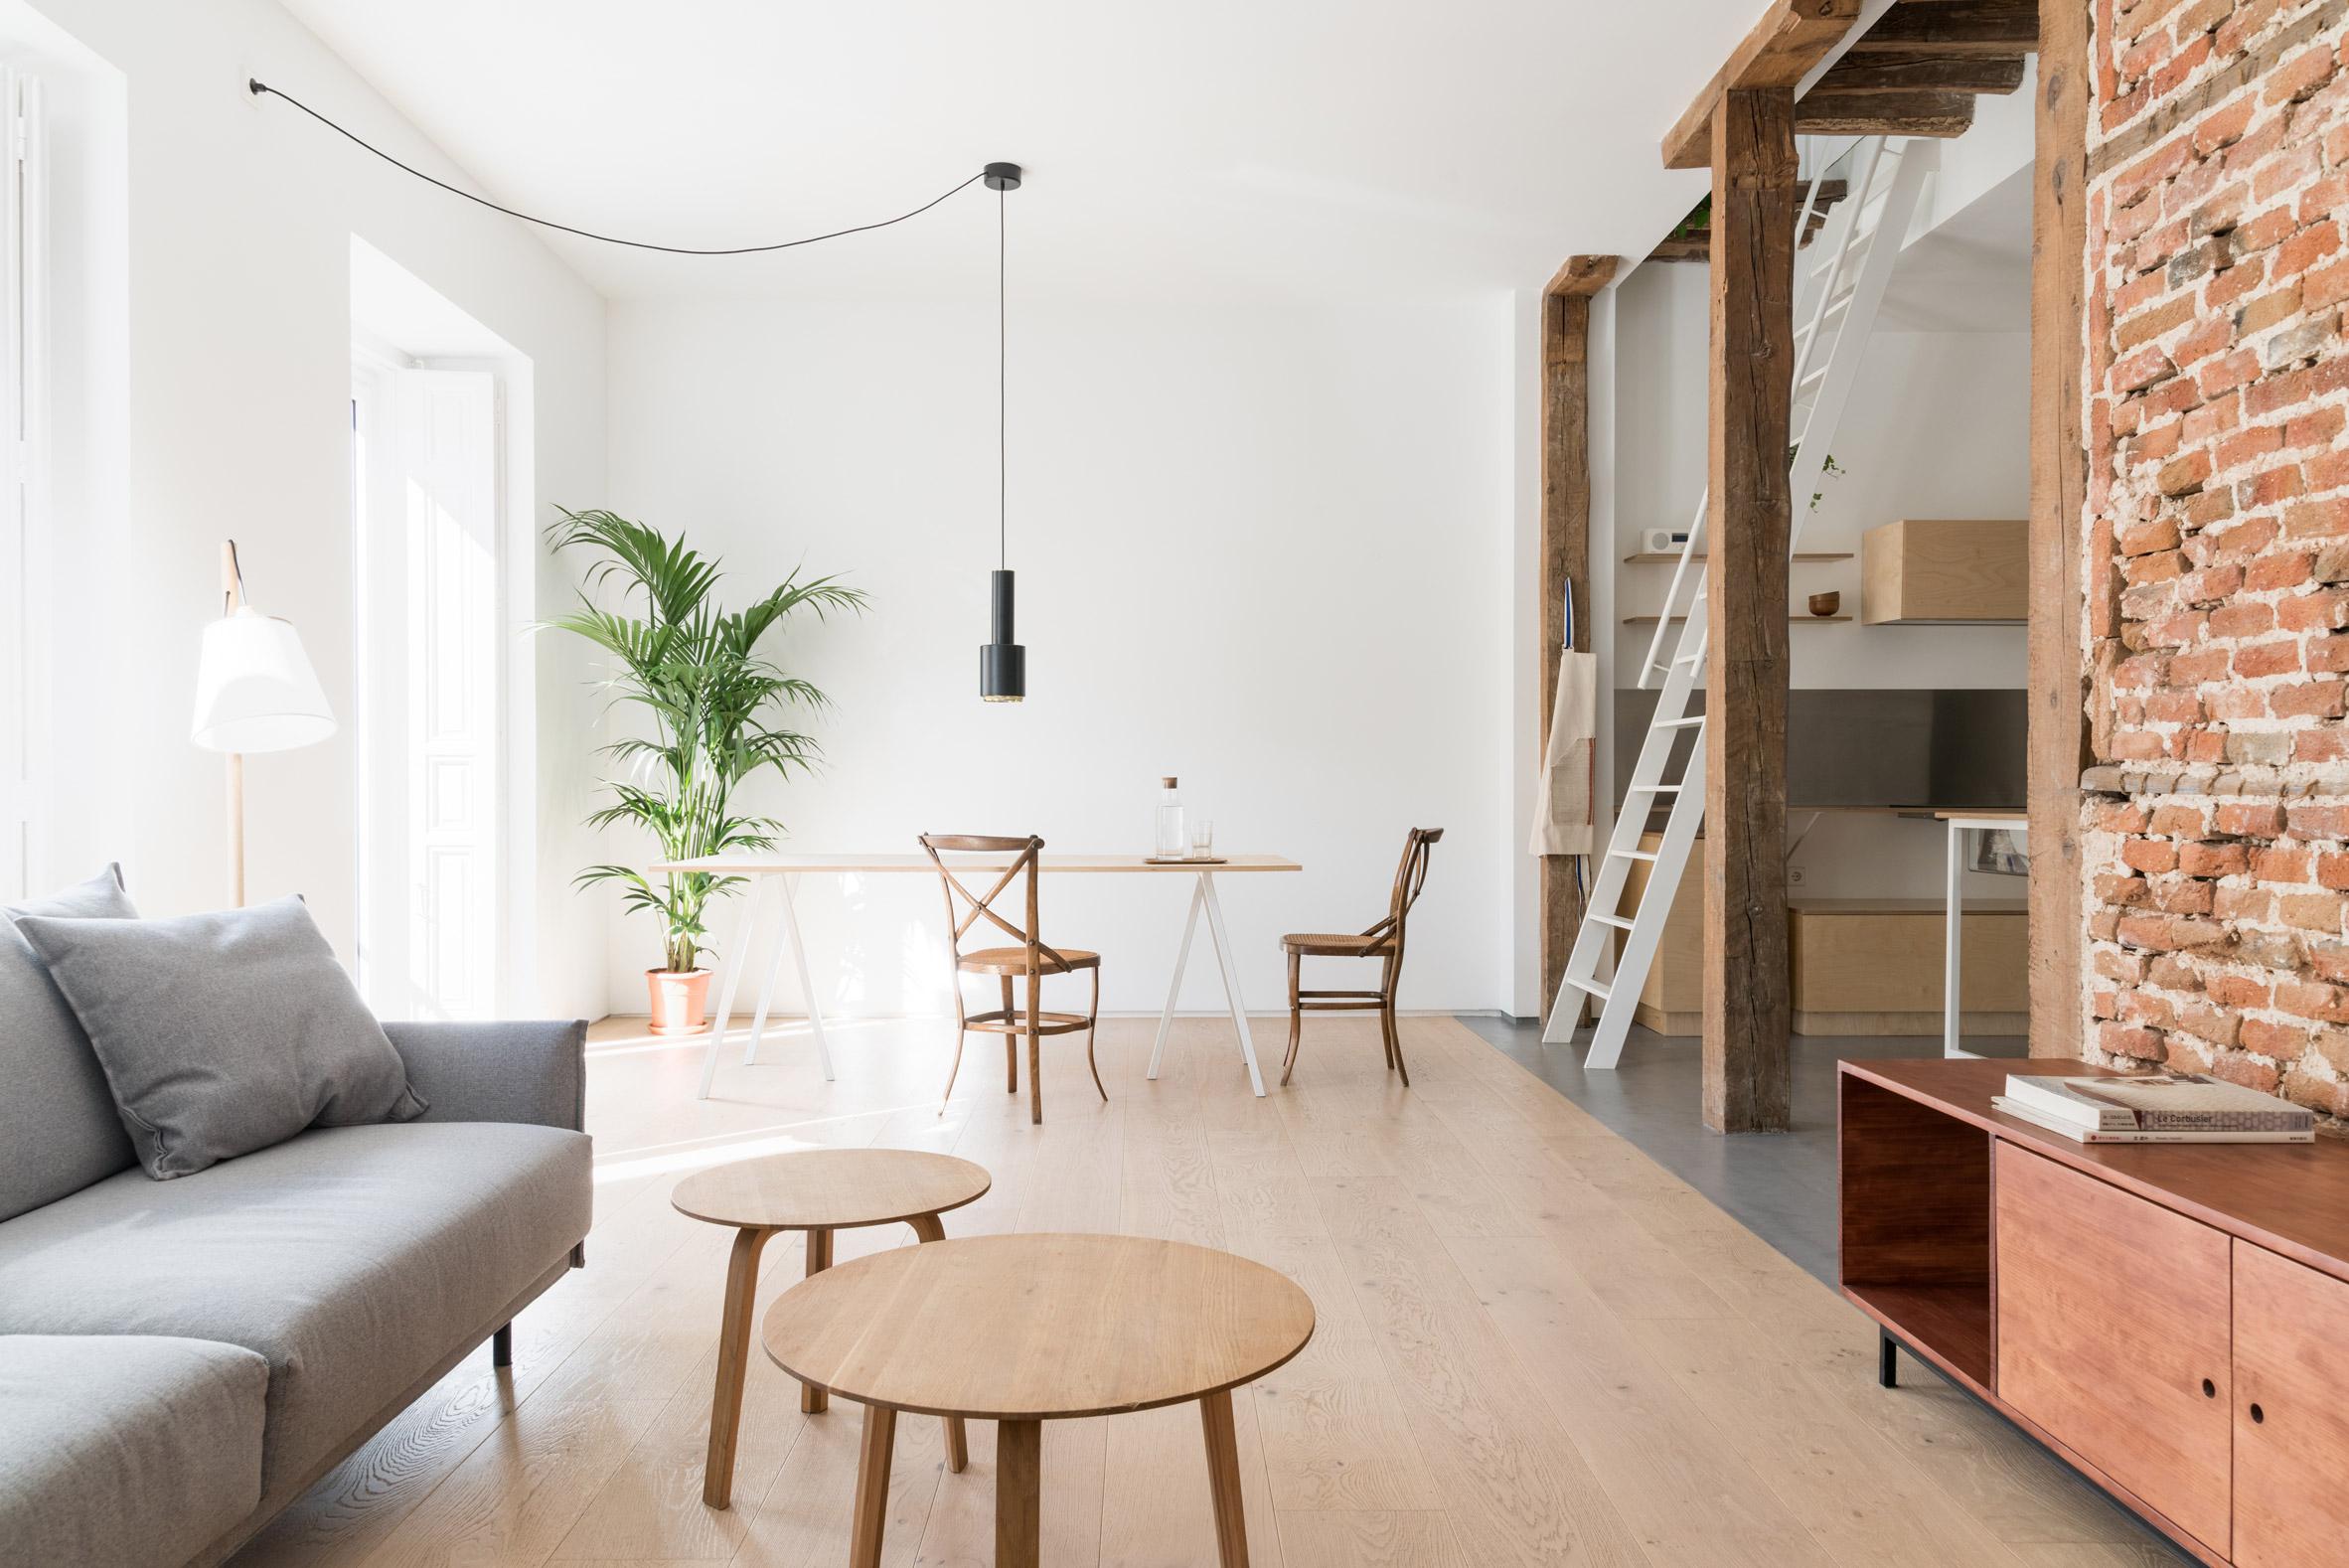 Thiết kế phòng khách chung cư đơn giản 1